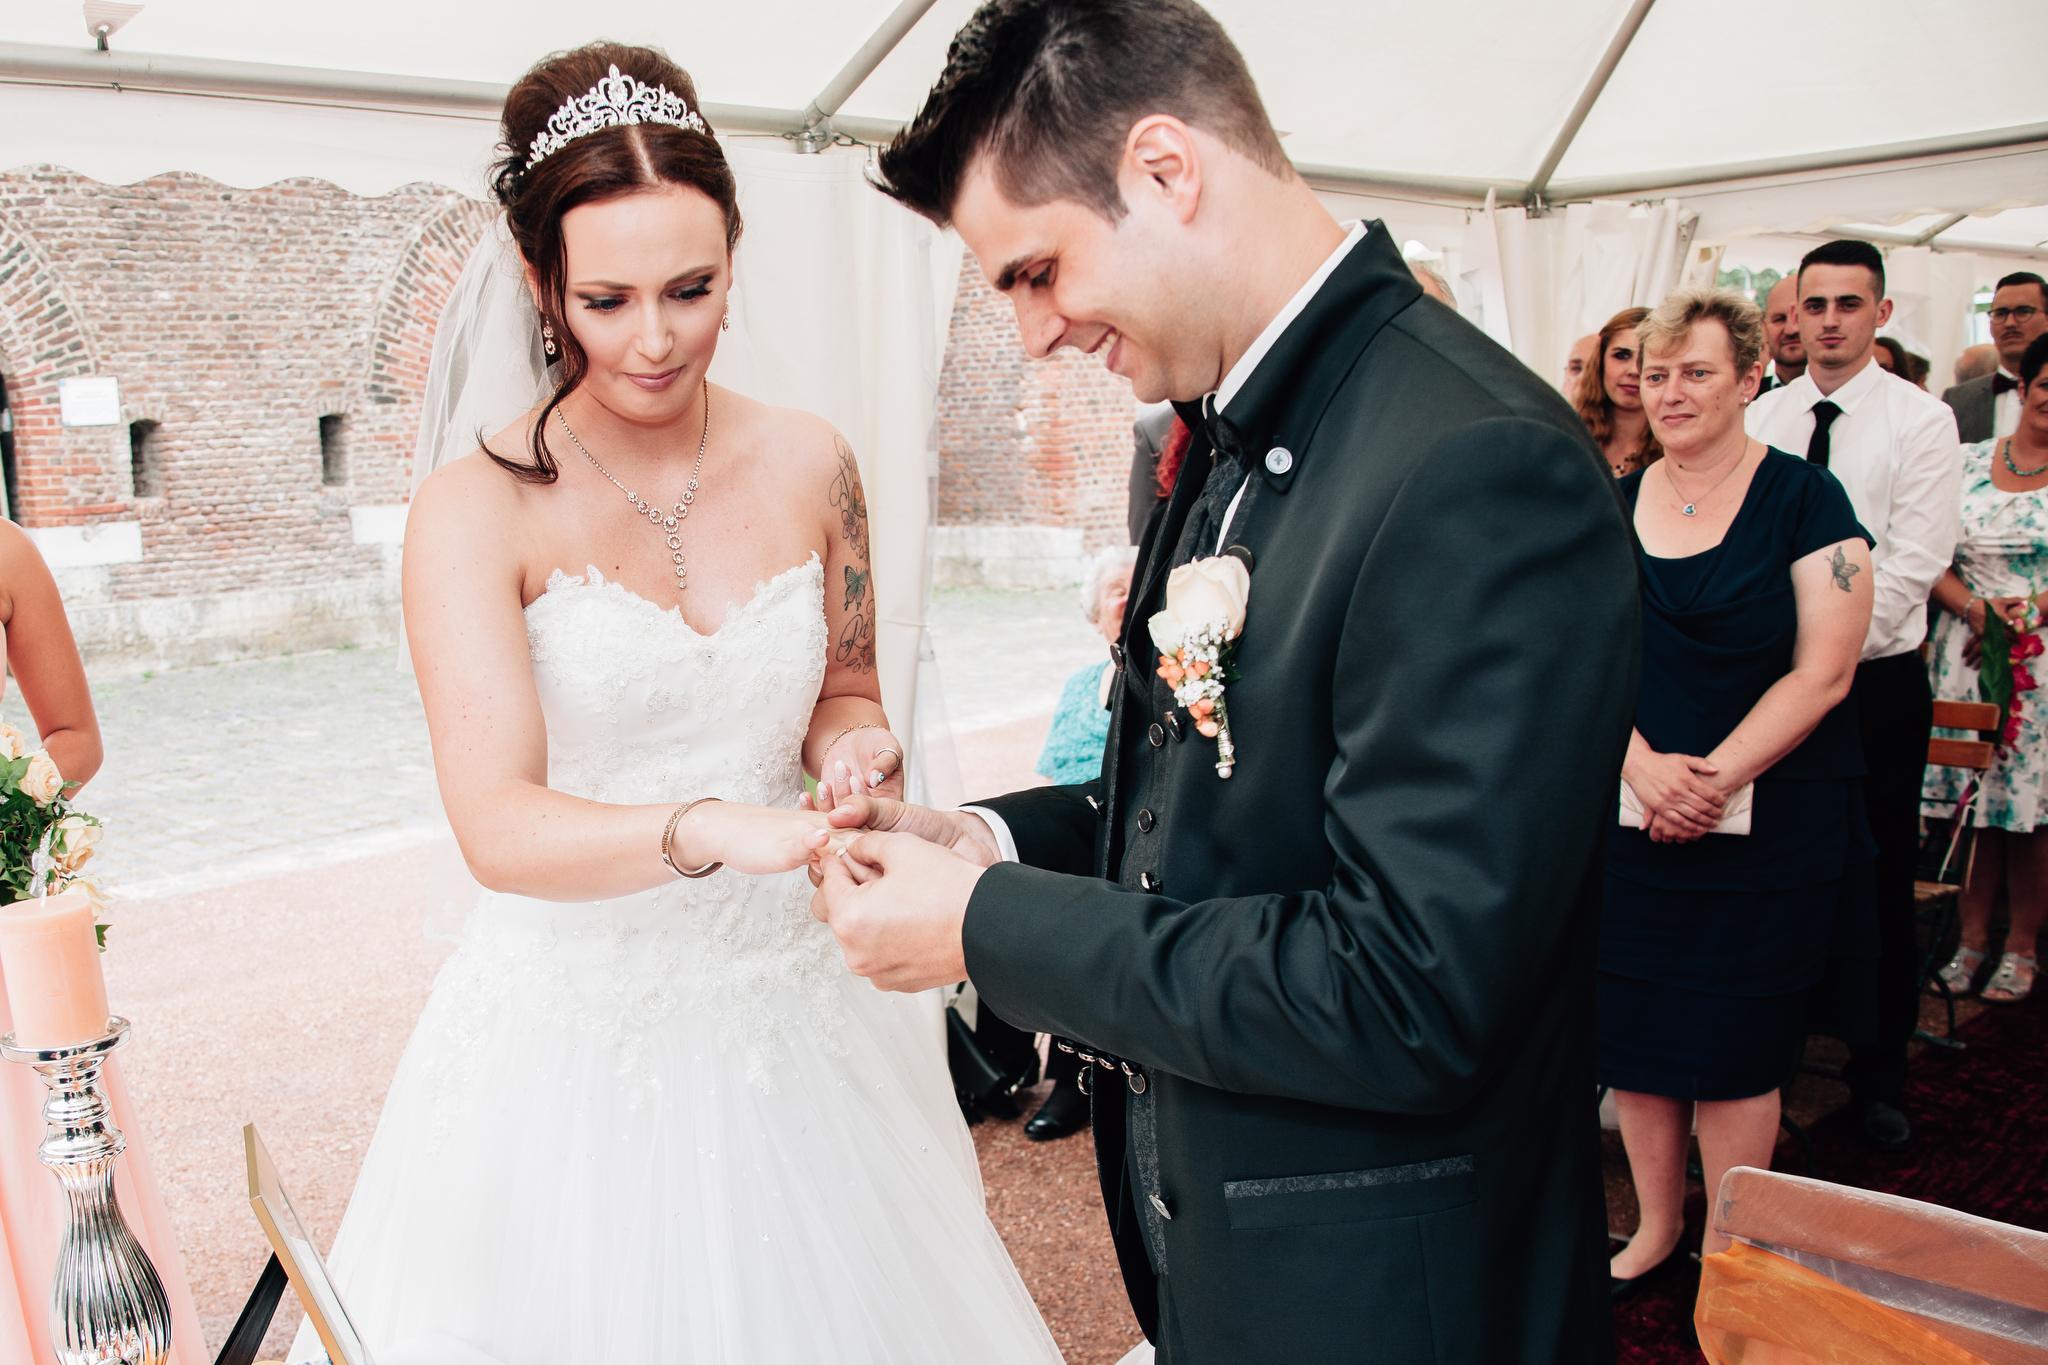 Claudia Krawinkel Fotografie Hochzeitsfotografie Hochzeit Blumenhalle im Brückenkopfpark Jülich Essen Düsseldorf Bochum Dortmund Mönchengladbach NRW Ruhrgebiet 52